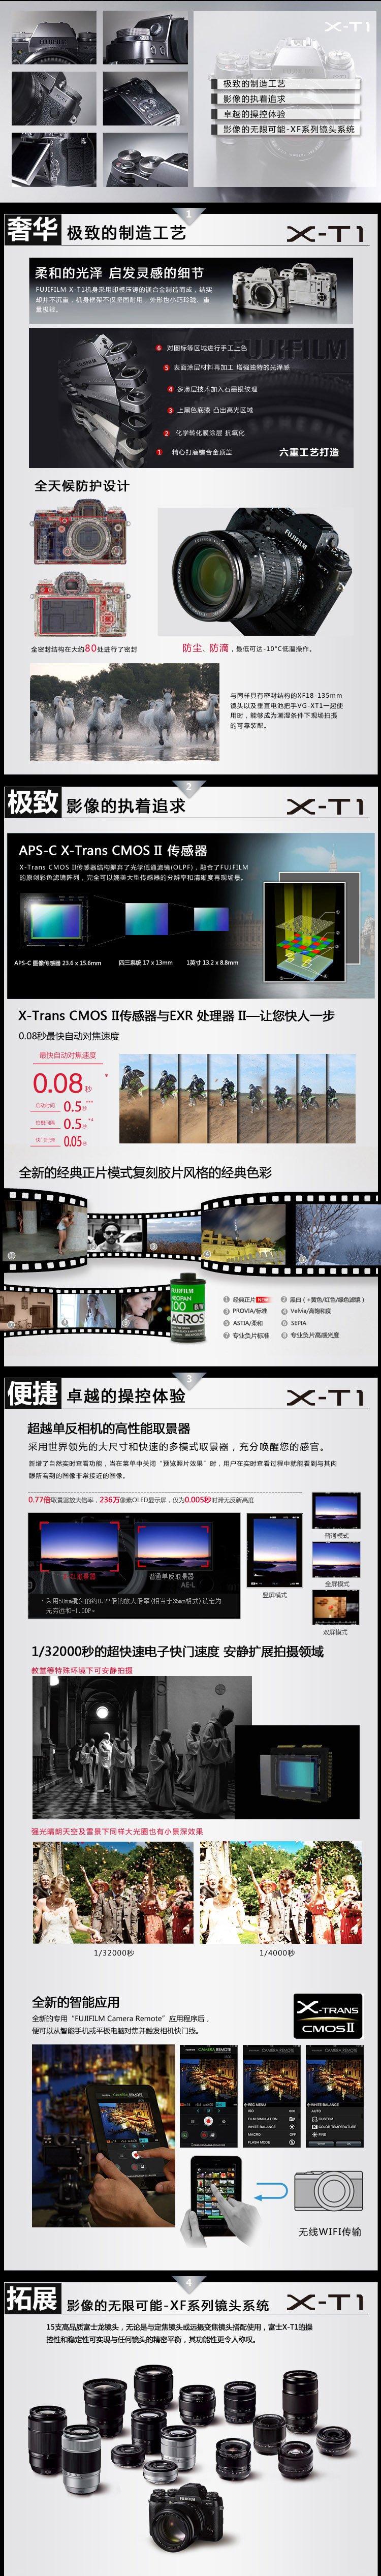 富士X-T1 碳晶灰 图片12